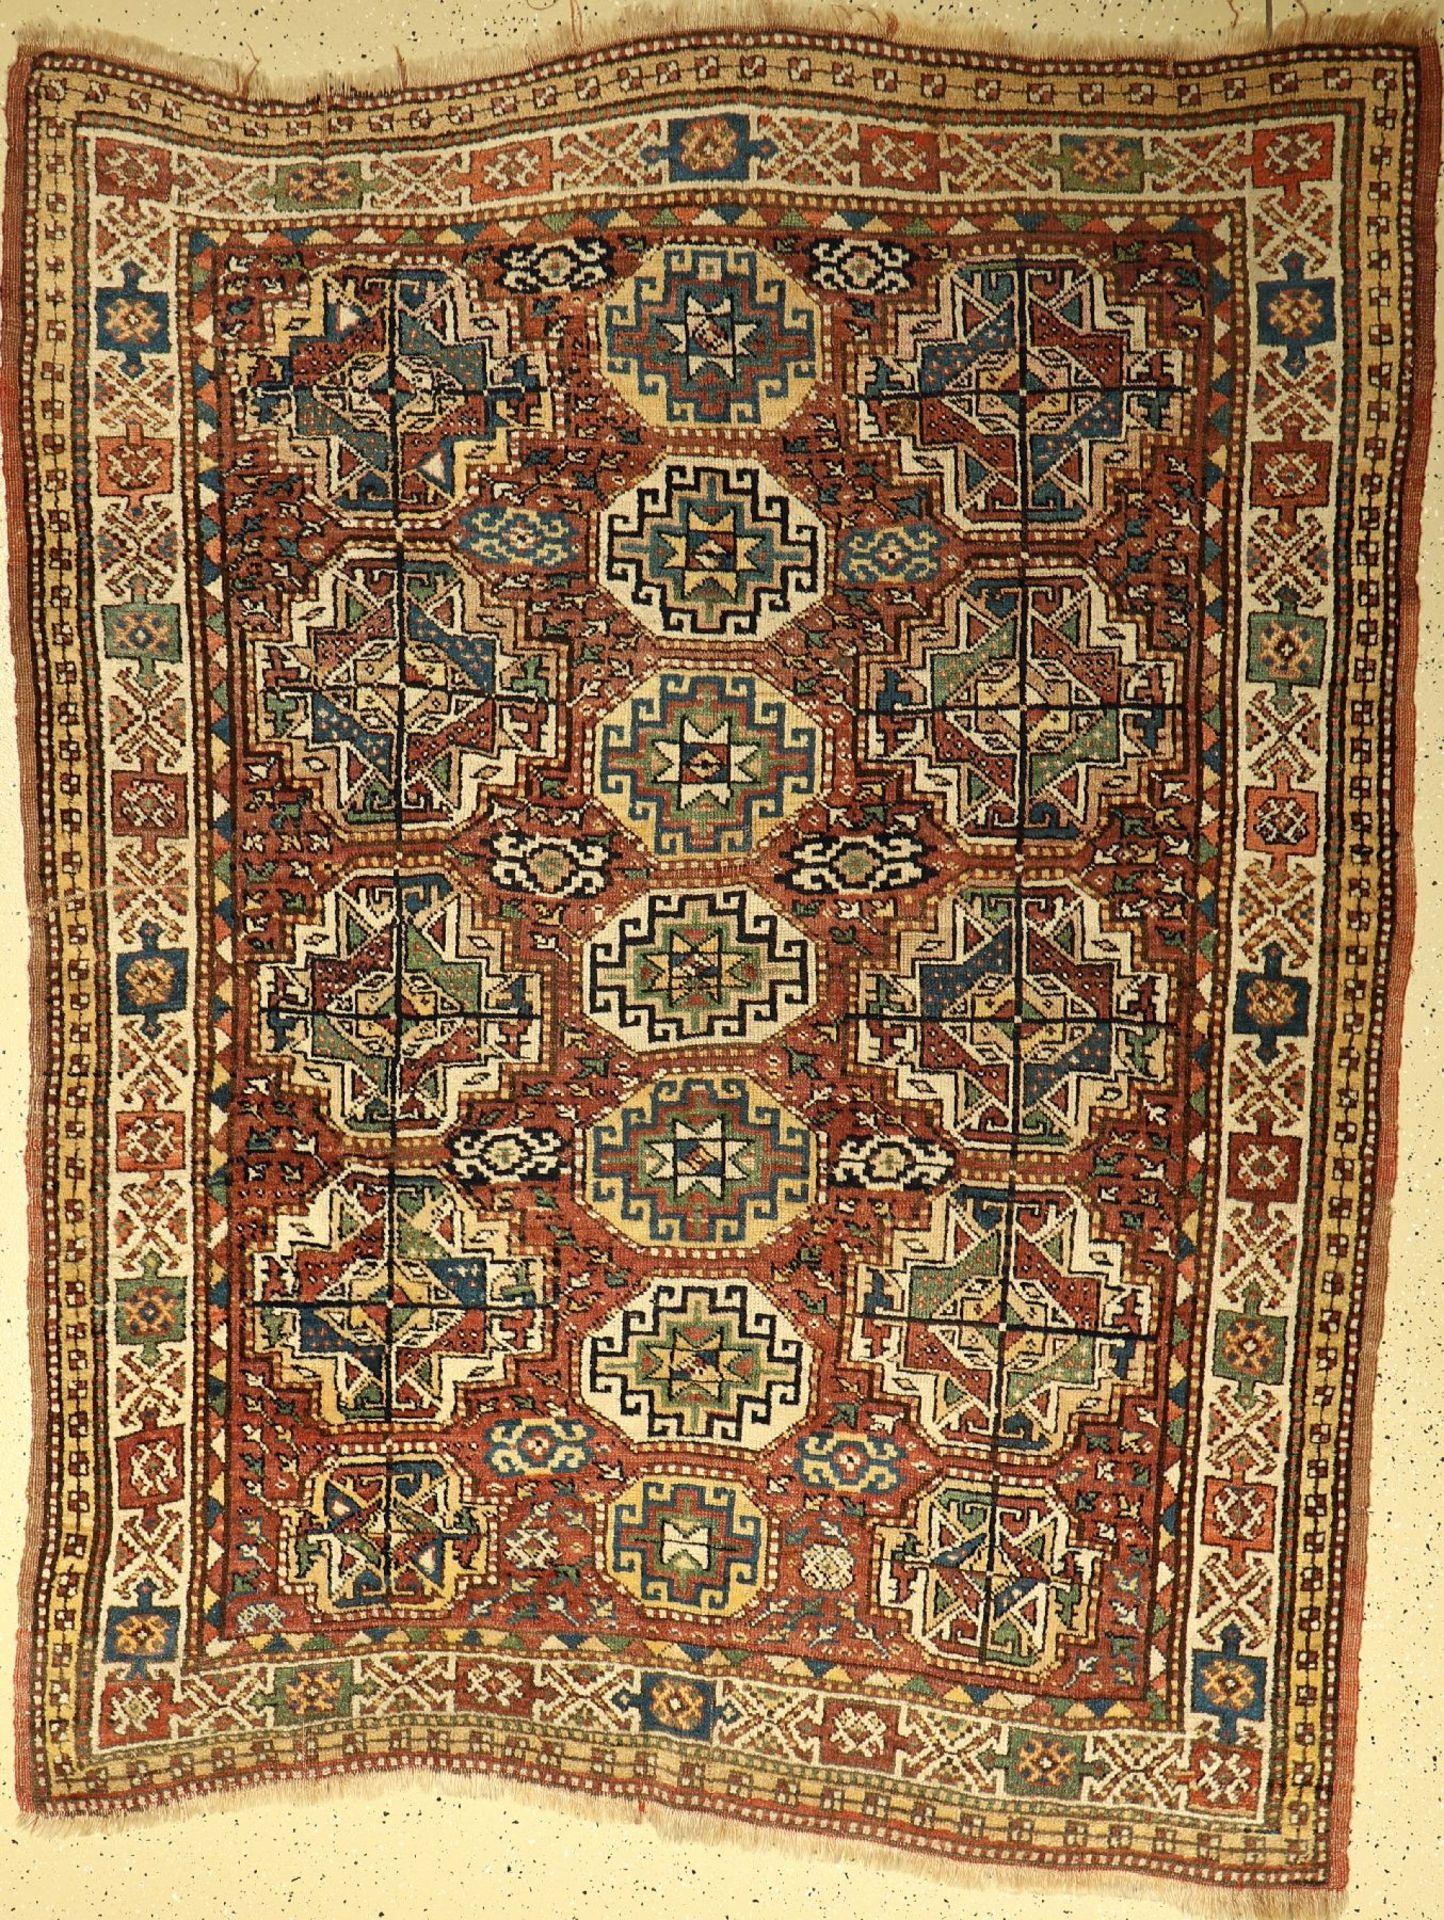 Khorassan Kordi alt, Persien, um 1920, Wolle auf Wolle, ca. 212 x 168 cm, Memling Güls, EHZ: 3